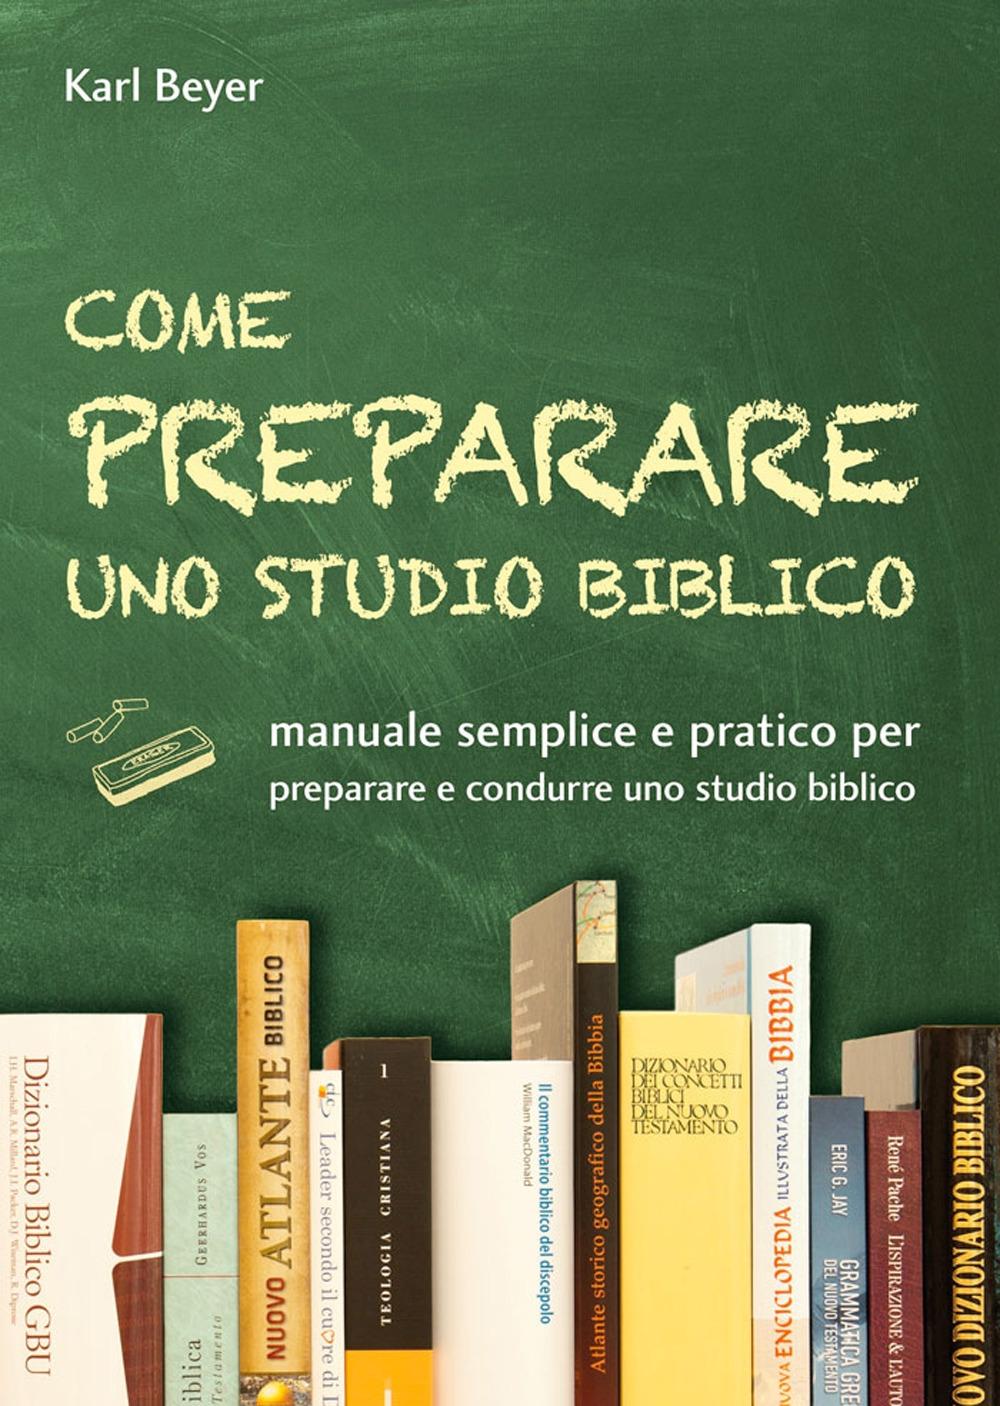 Come preparare uno studio biblico. Manuale semplice e pratico per preparare e condurre uno studio biblico